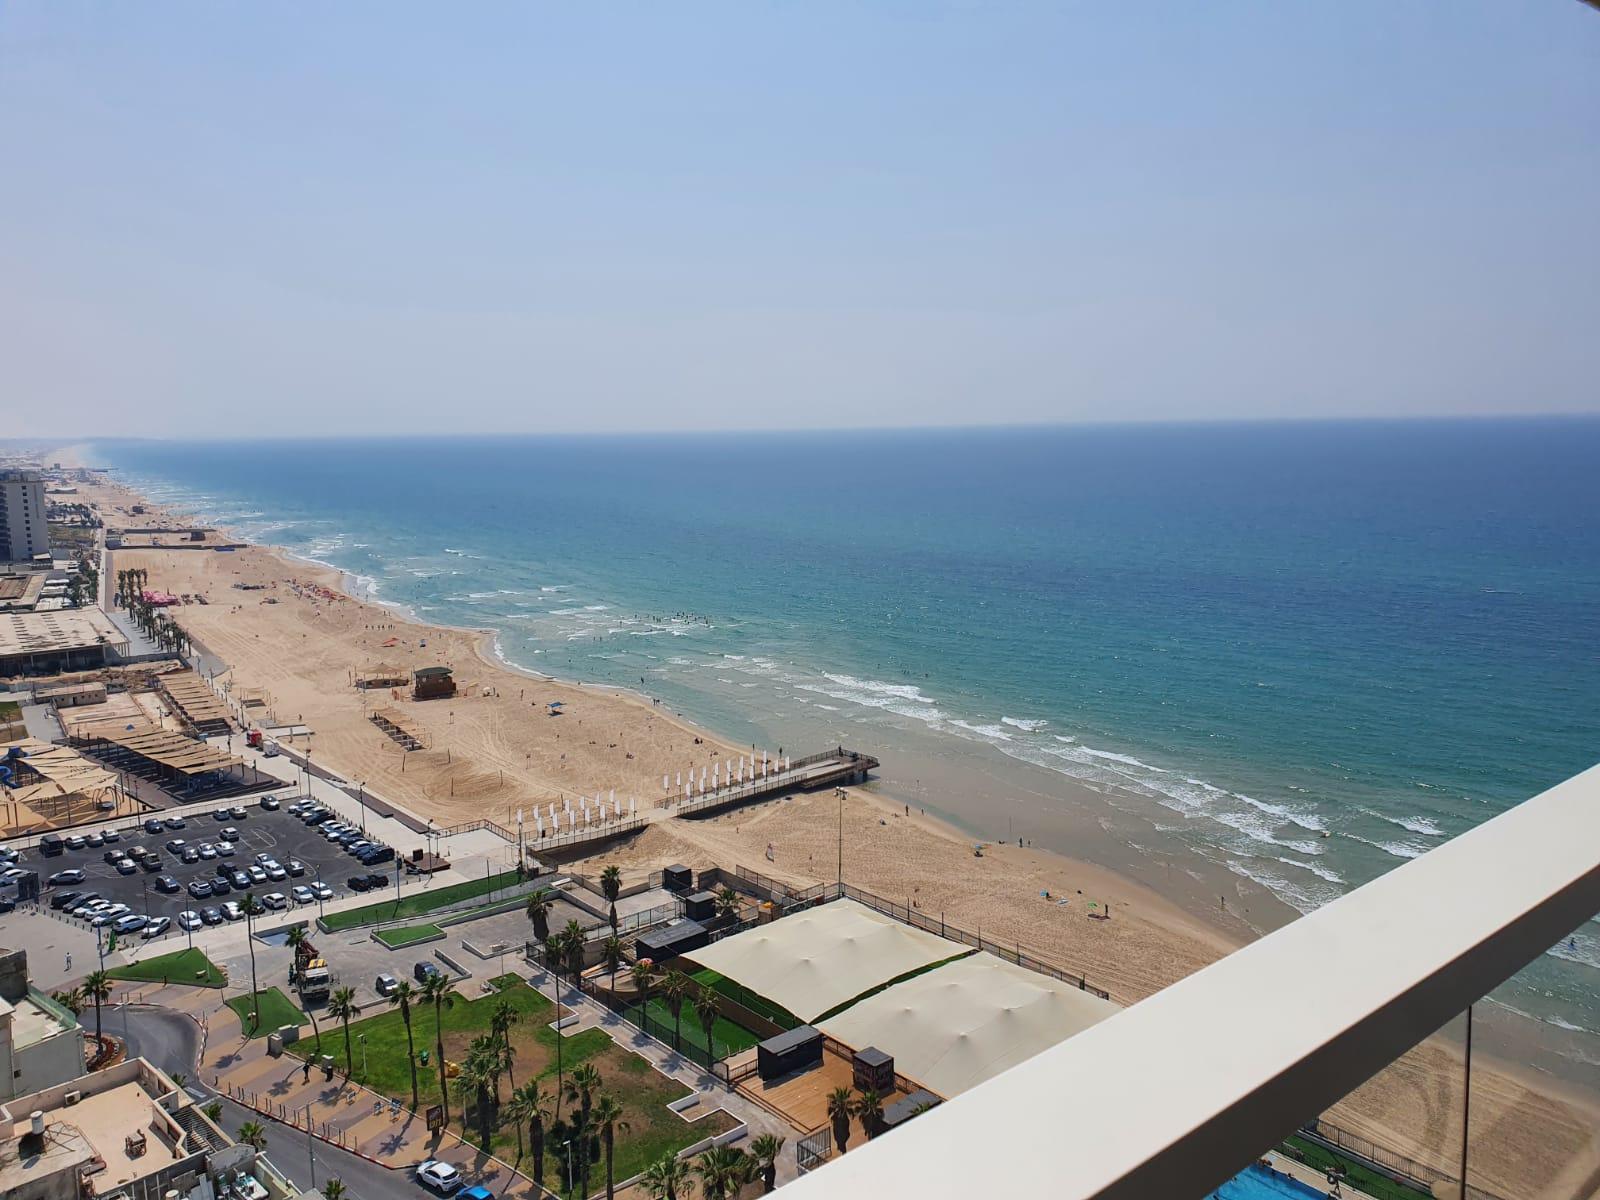 בת ים מלון לאונרדו להשכרה 2 חדרים 5,200₪ בחודש, בת ים